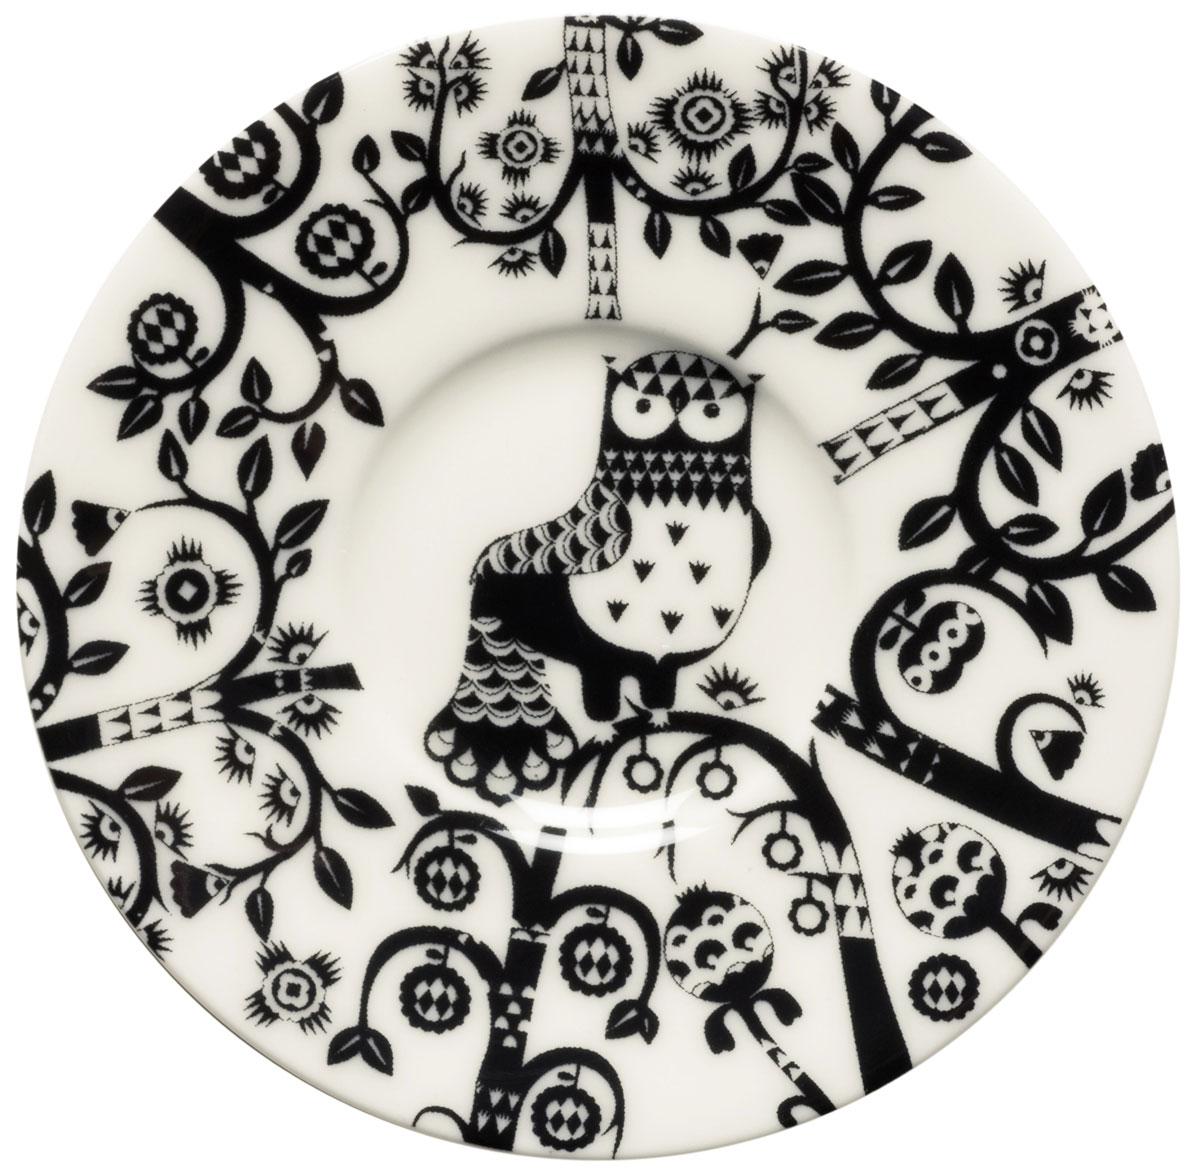 Блюдце Iittala Taika, для кофейной чашки, цвет: черный, диаметр 11 см1012499